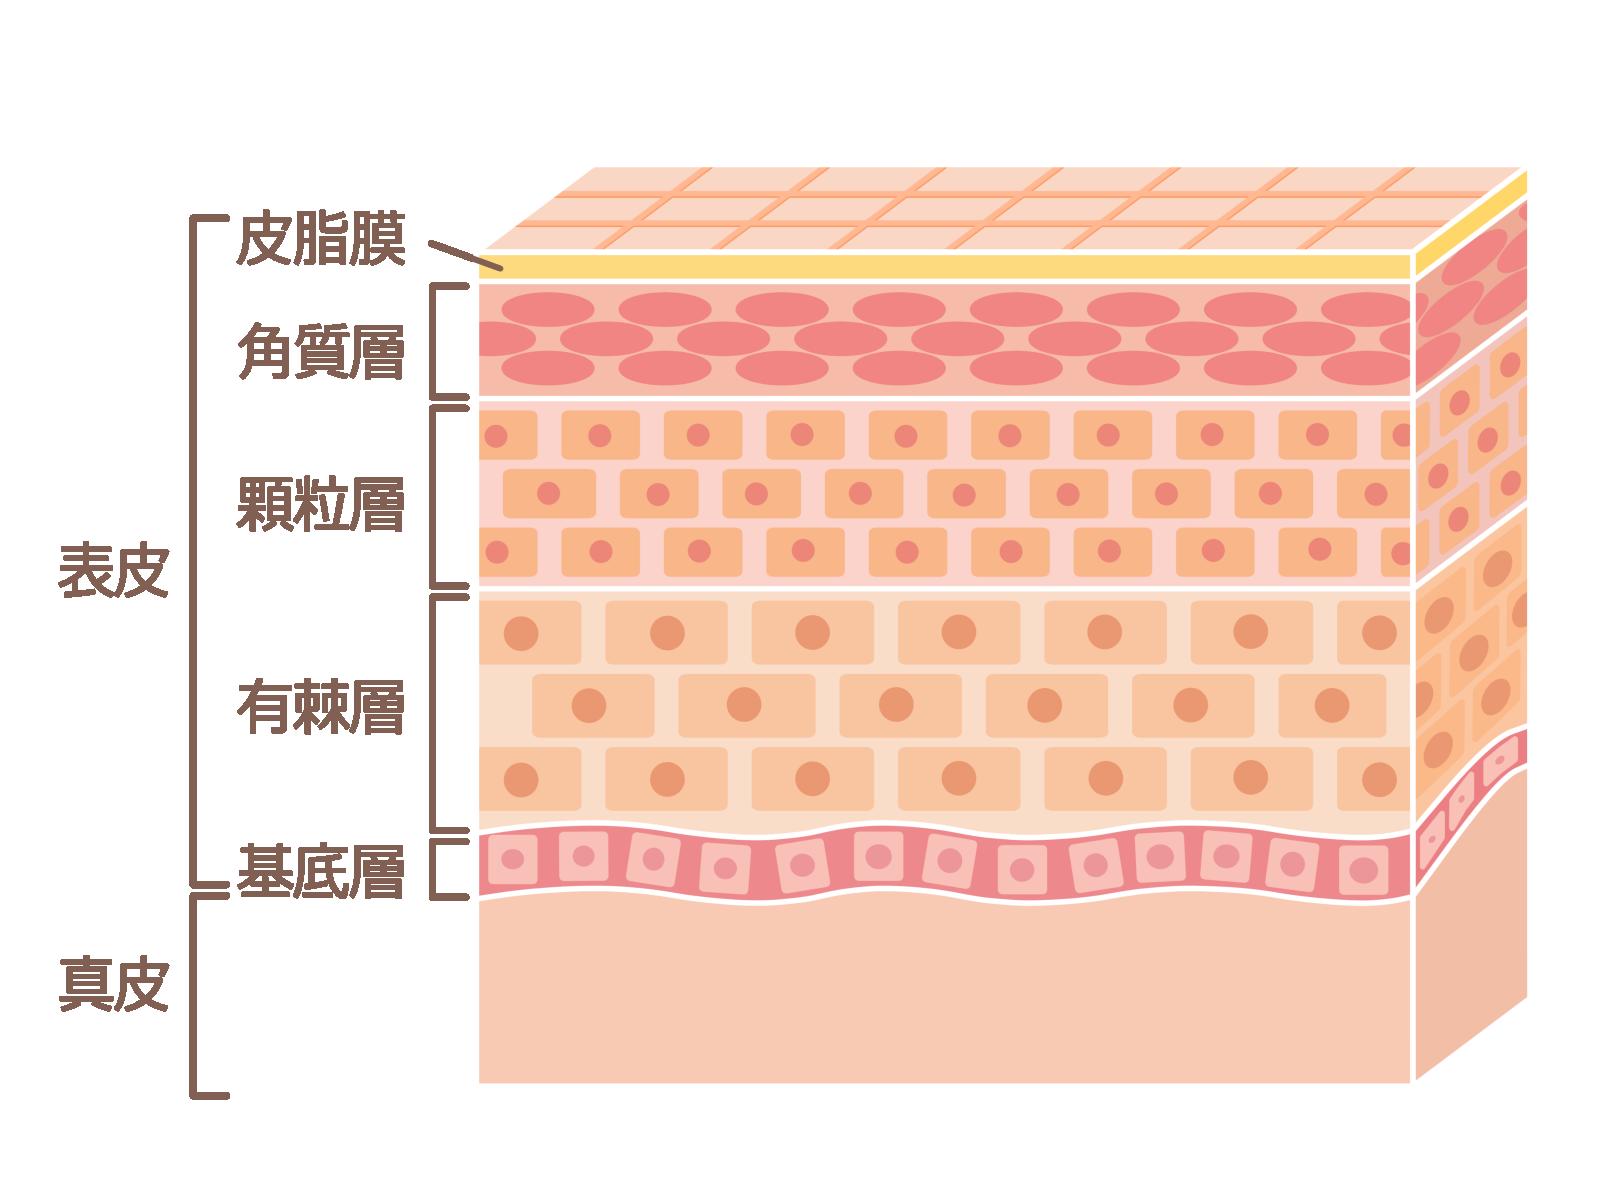 皮膚の構造とその役割と働き。美容のための肌の知識。 | 美容, 皮膚, 肌